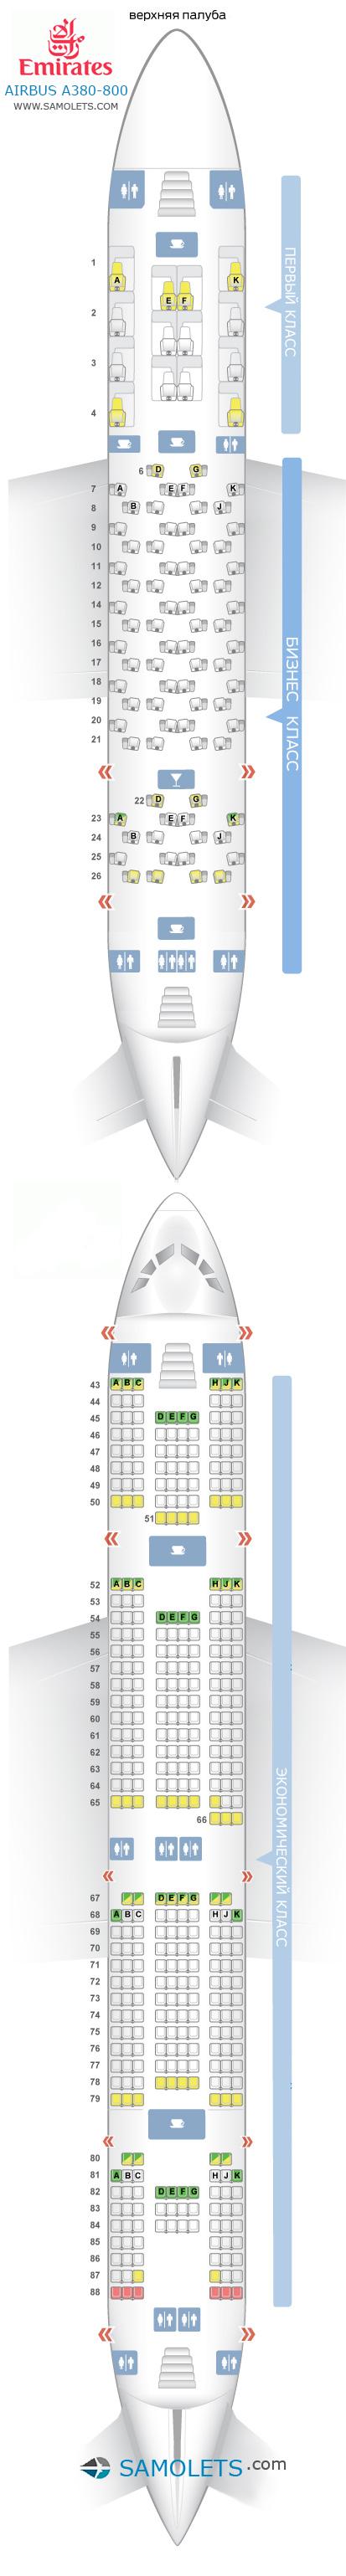 Схема салона Airbus-A380 Emirates